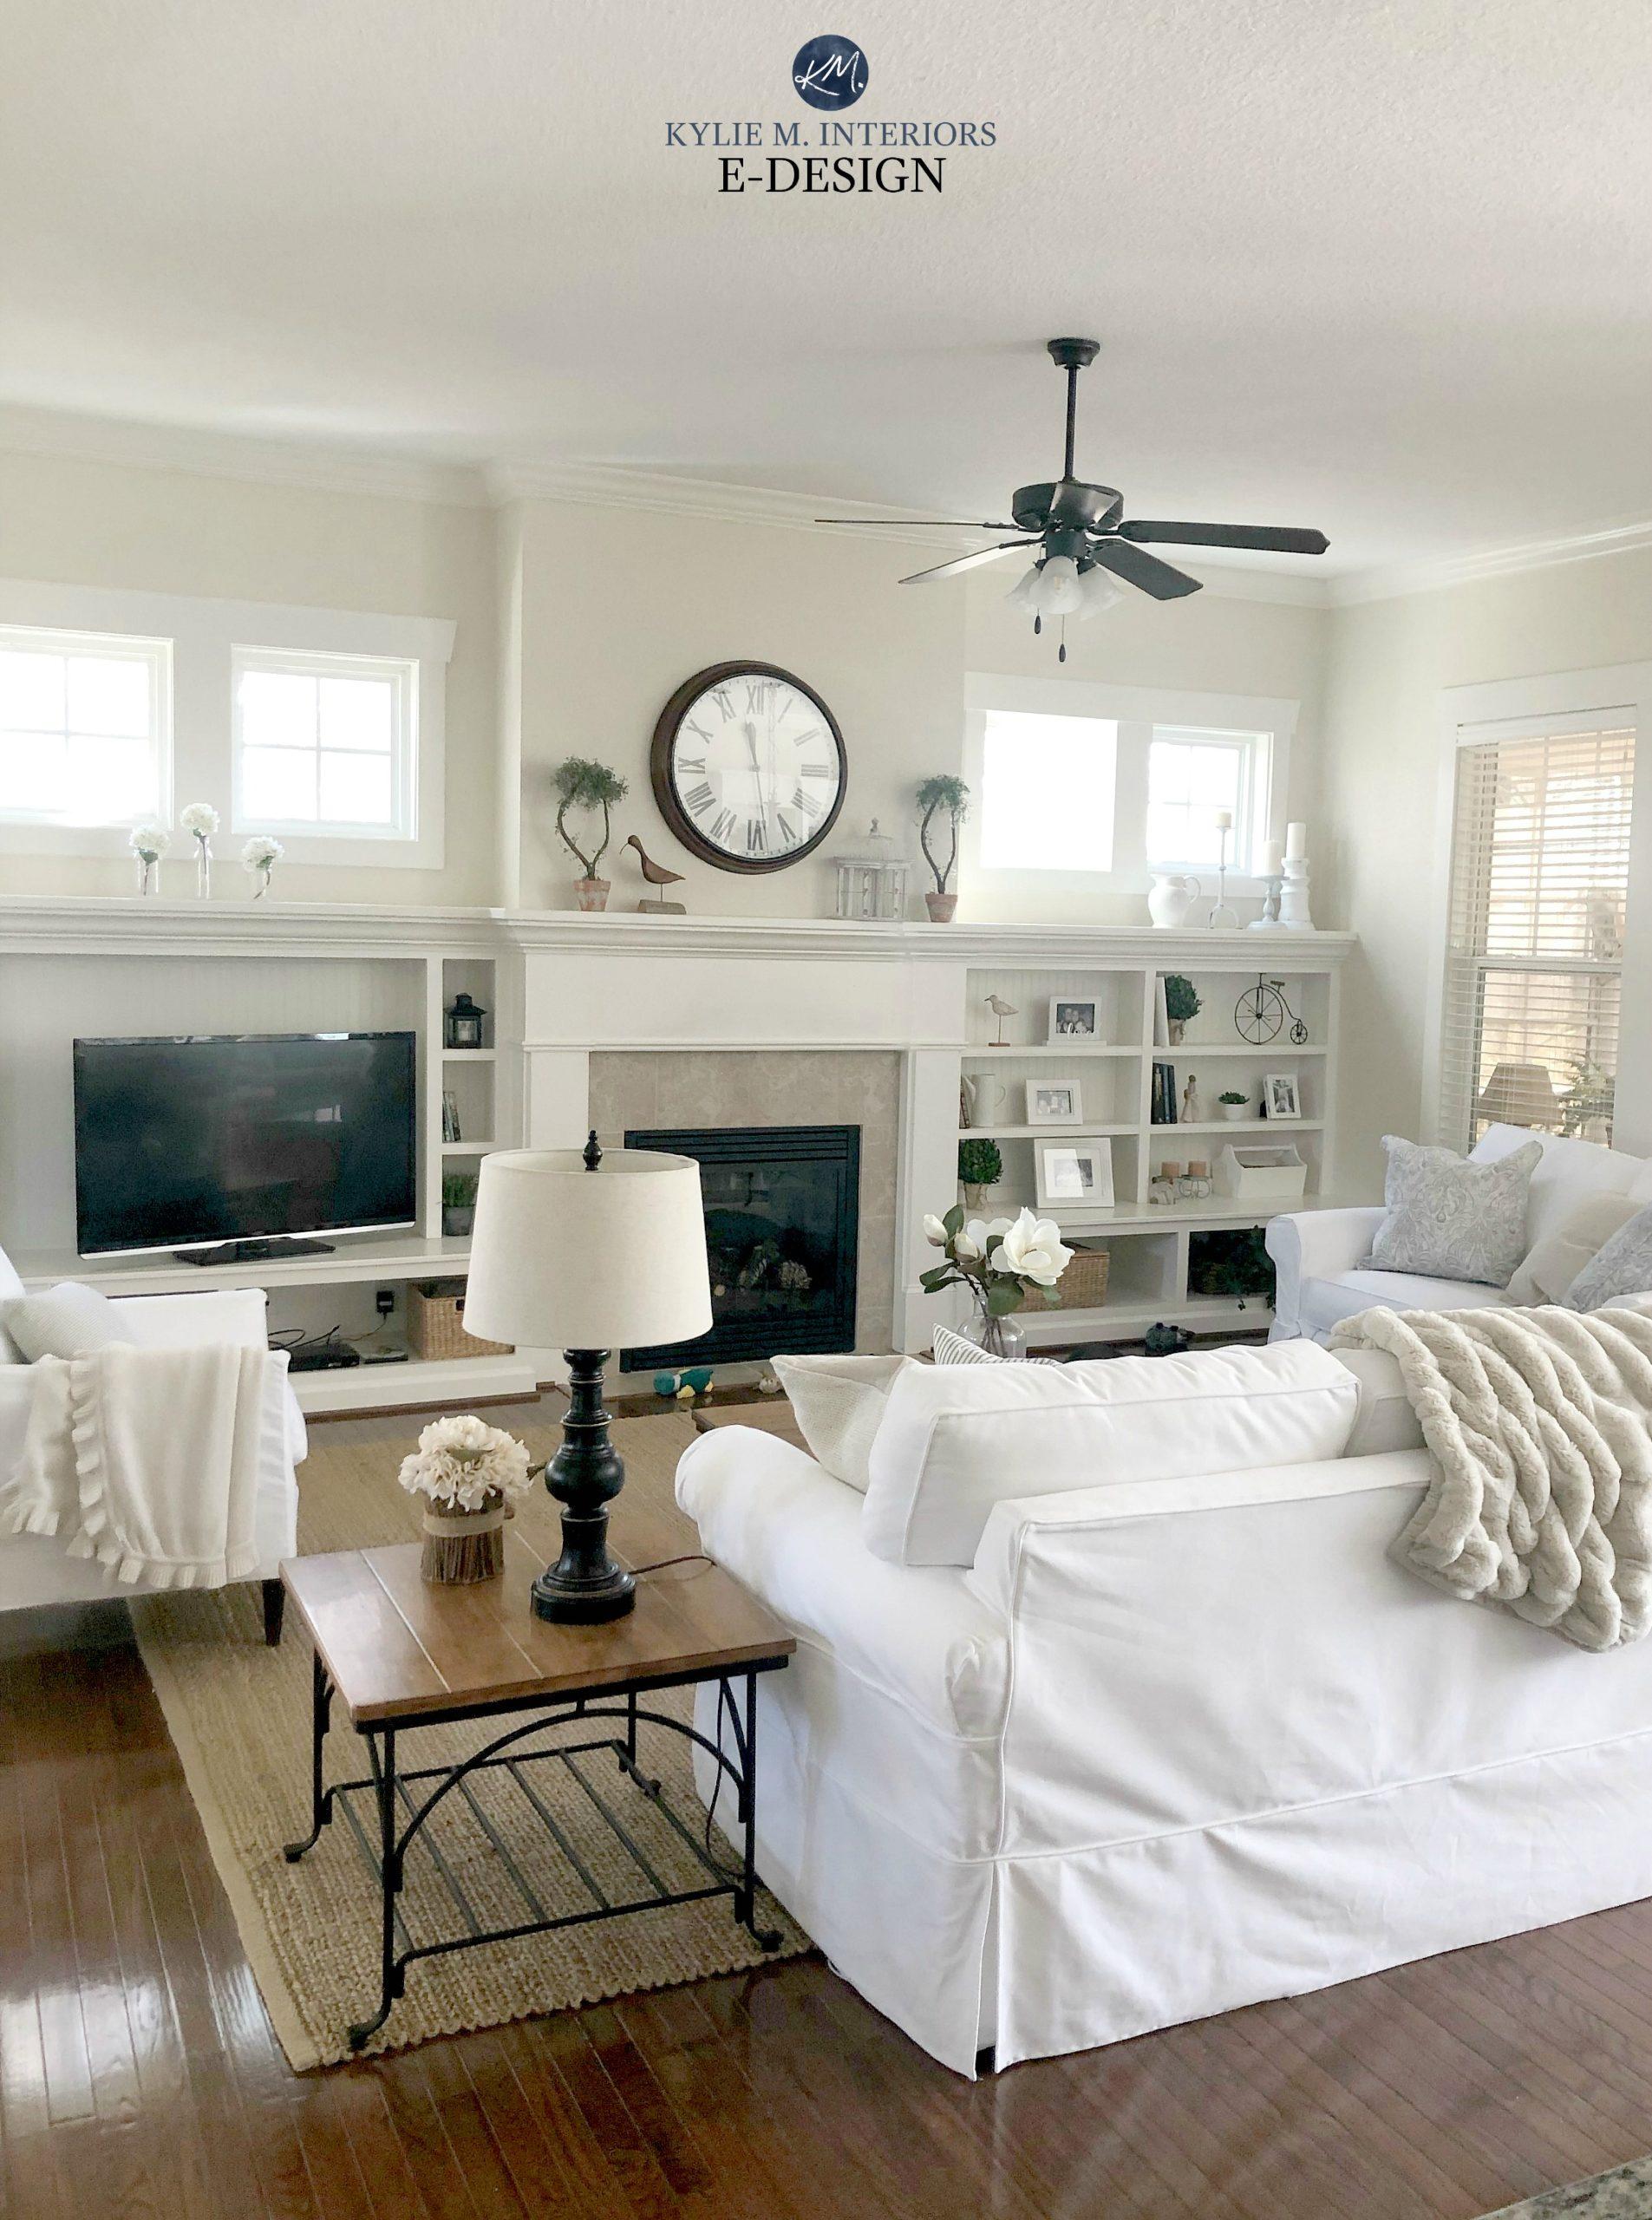 Ballet White best warm cream neutral paint colour. Living room, cottage coastal style, builtins. Kylie M Interiors Edesign, online paint colour advice blog